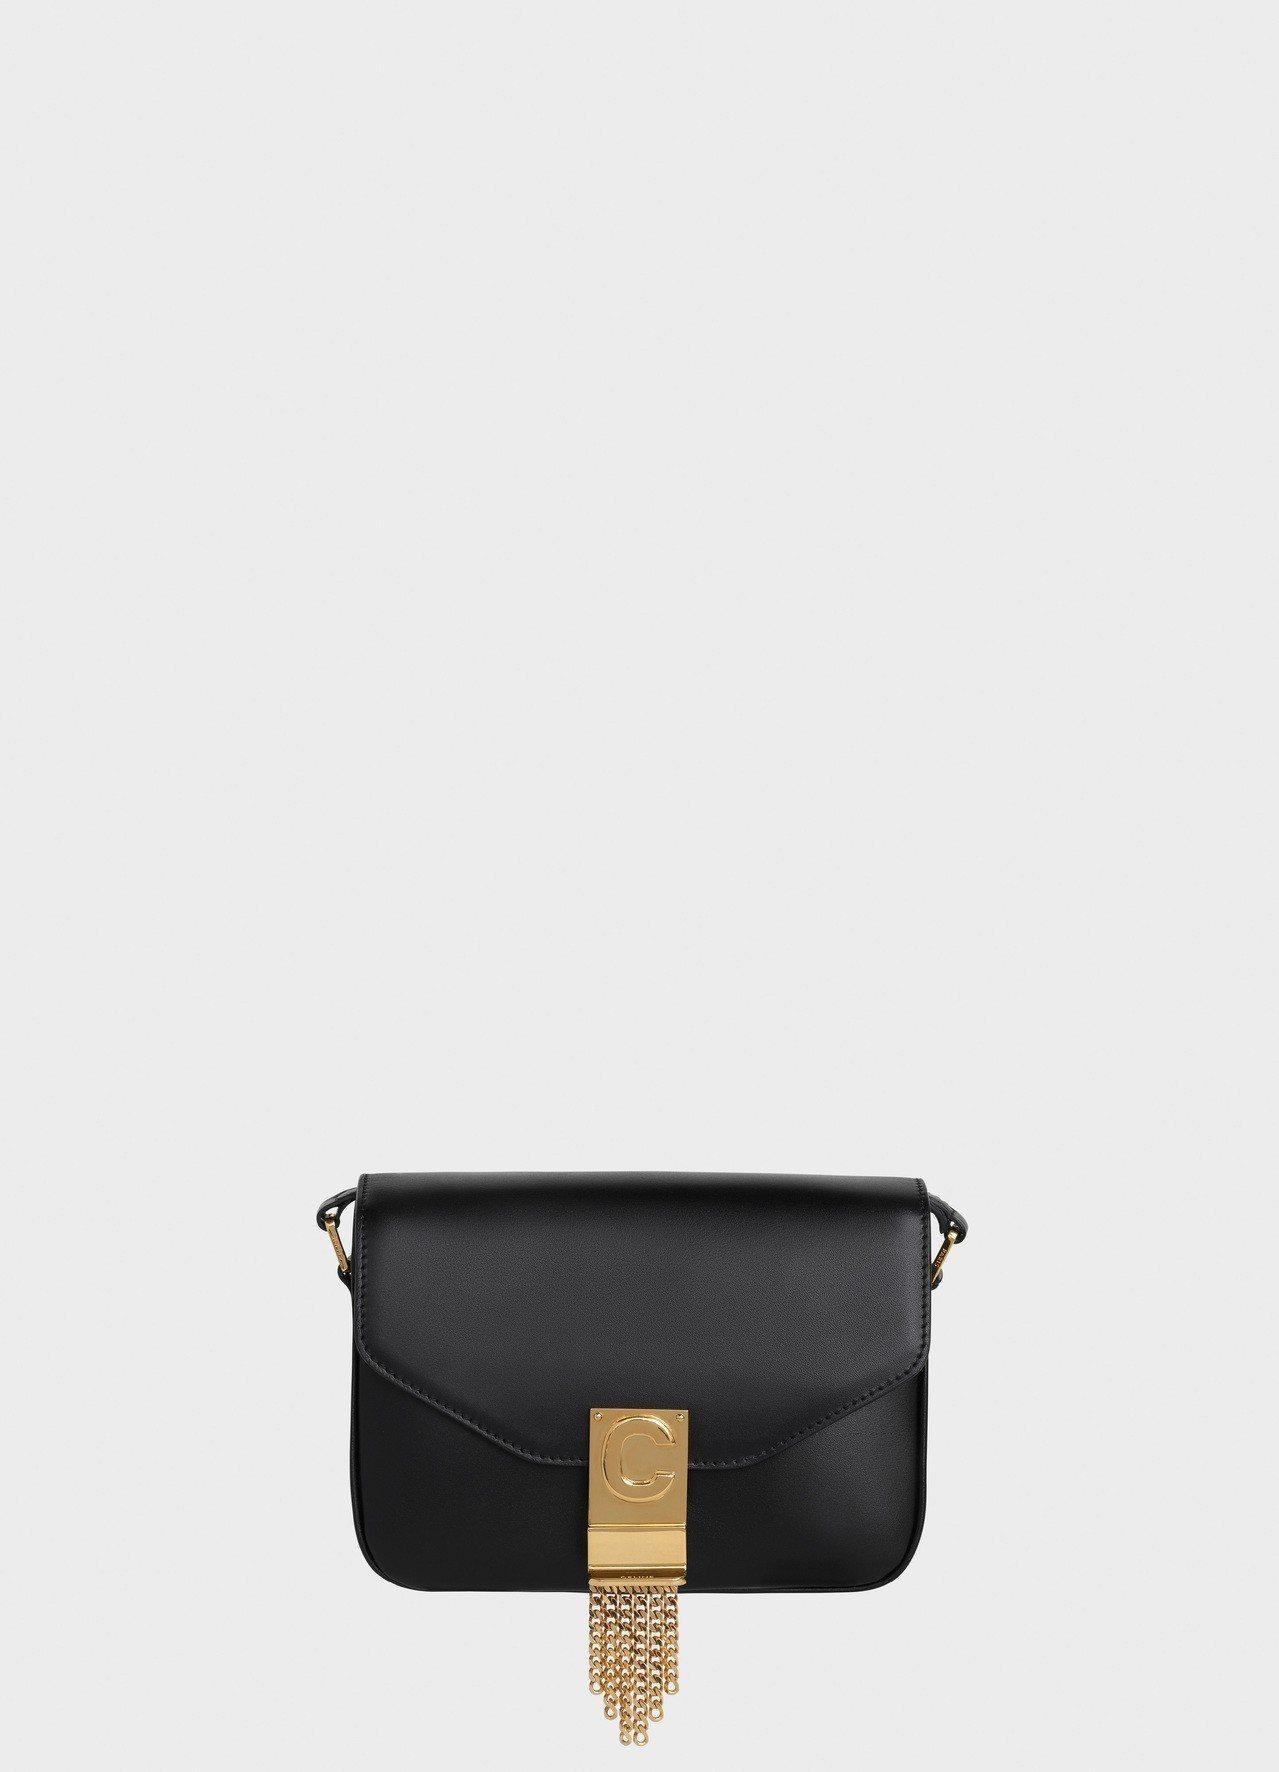 C Bag黝黑色光滑小牛皮小型流蘇鍊帶包,售價87,000元。圖/CELINE ...